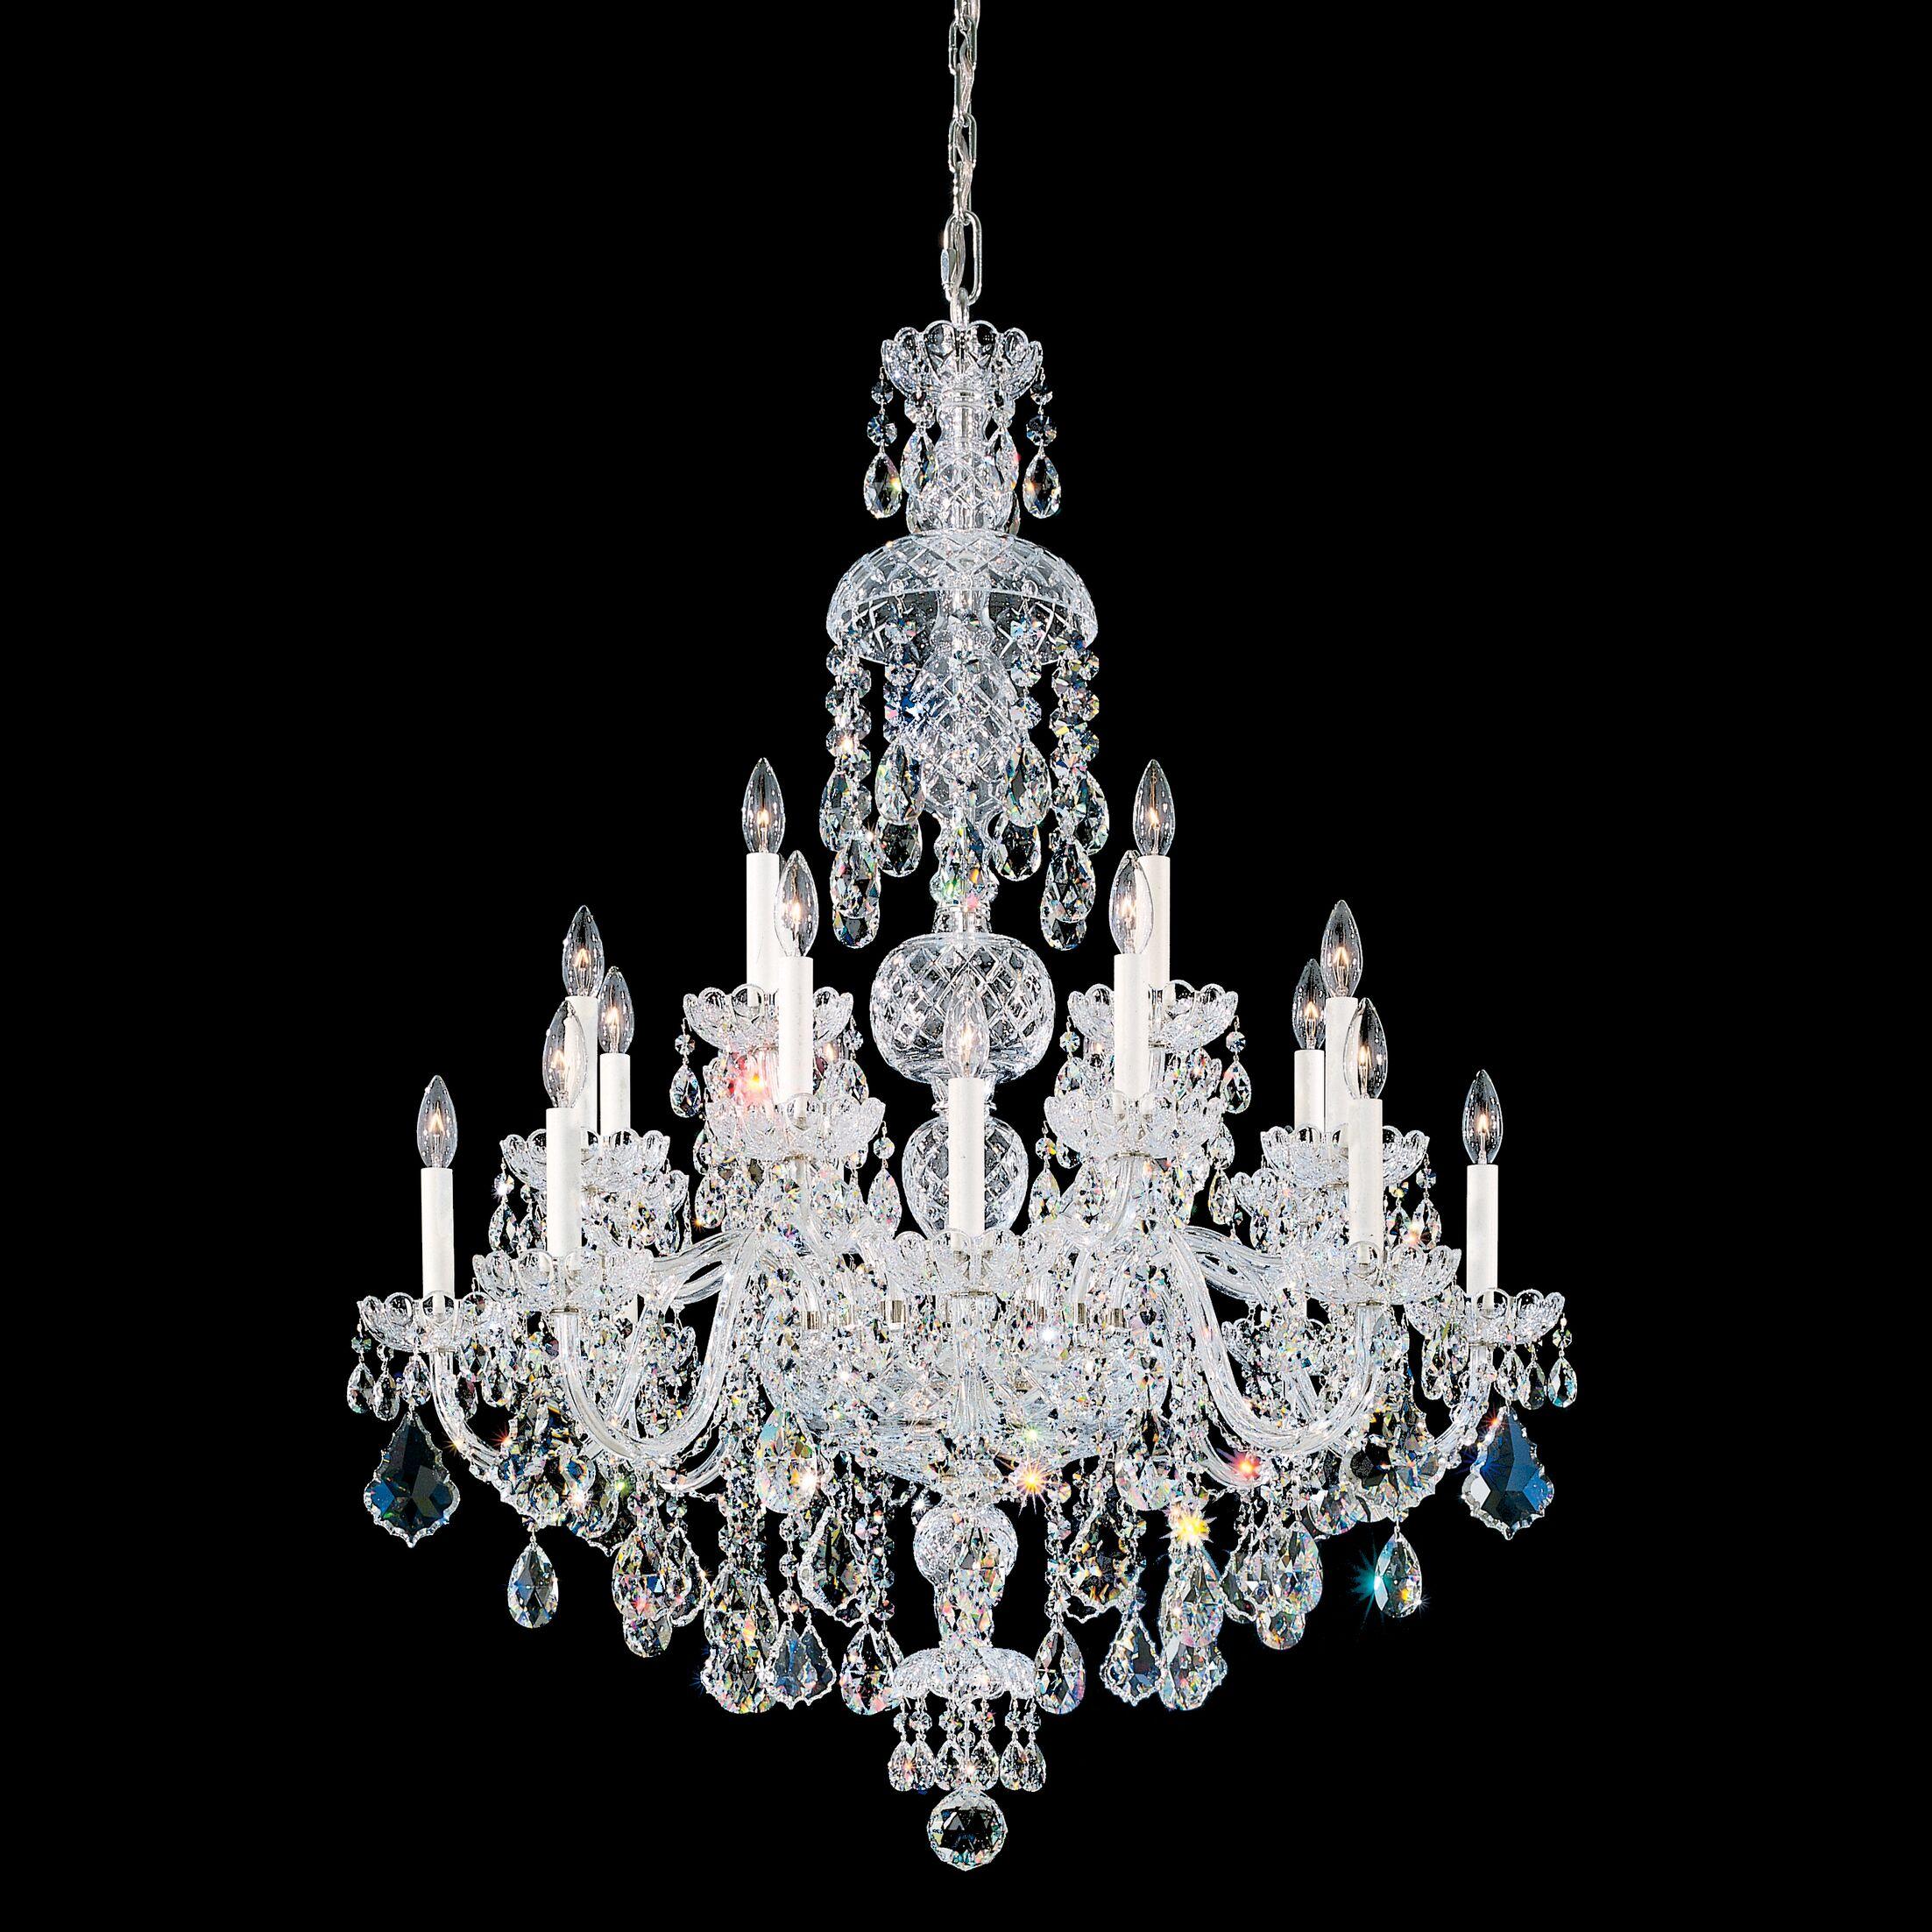 Olde World 20-Light Chandelier Color / Crystal Color: Silver / Spectra Swarovski